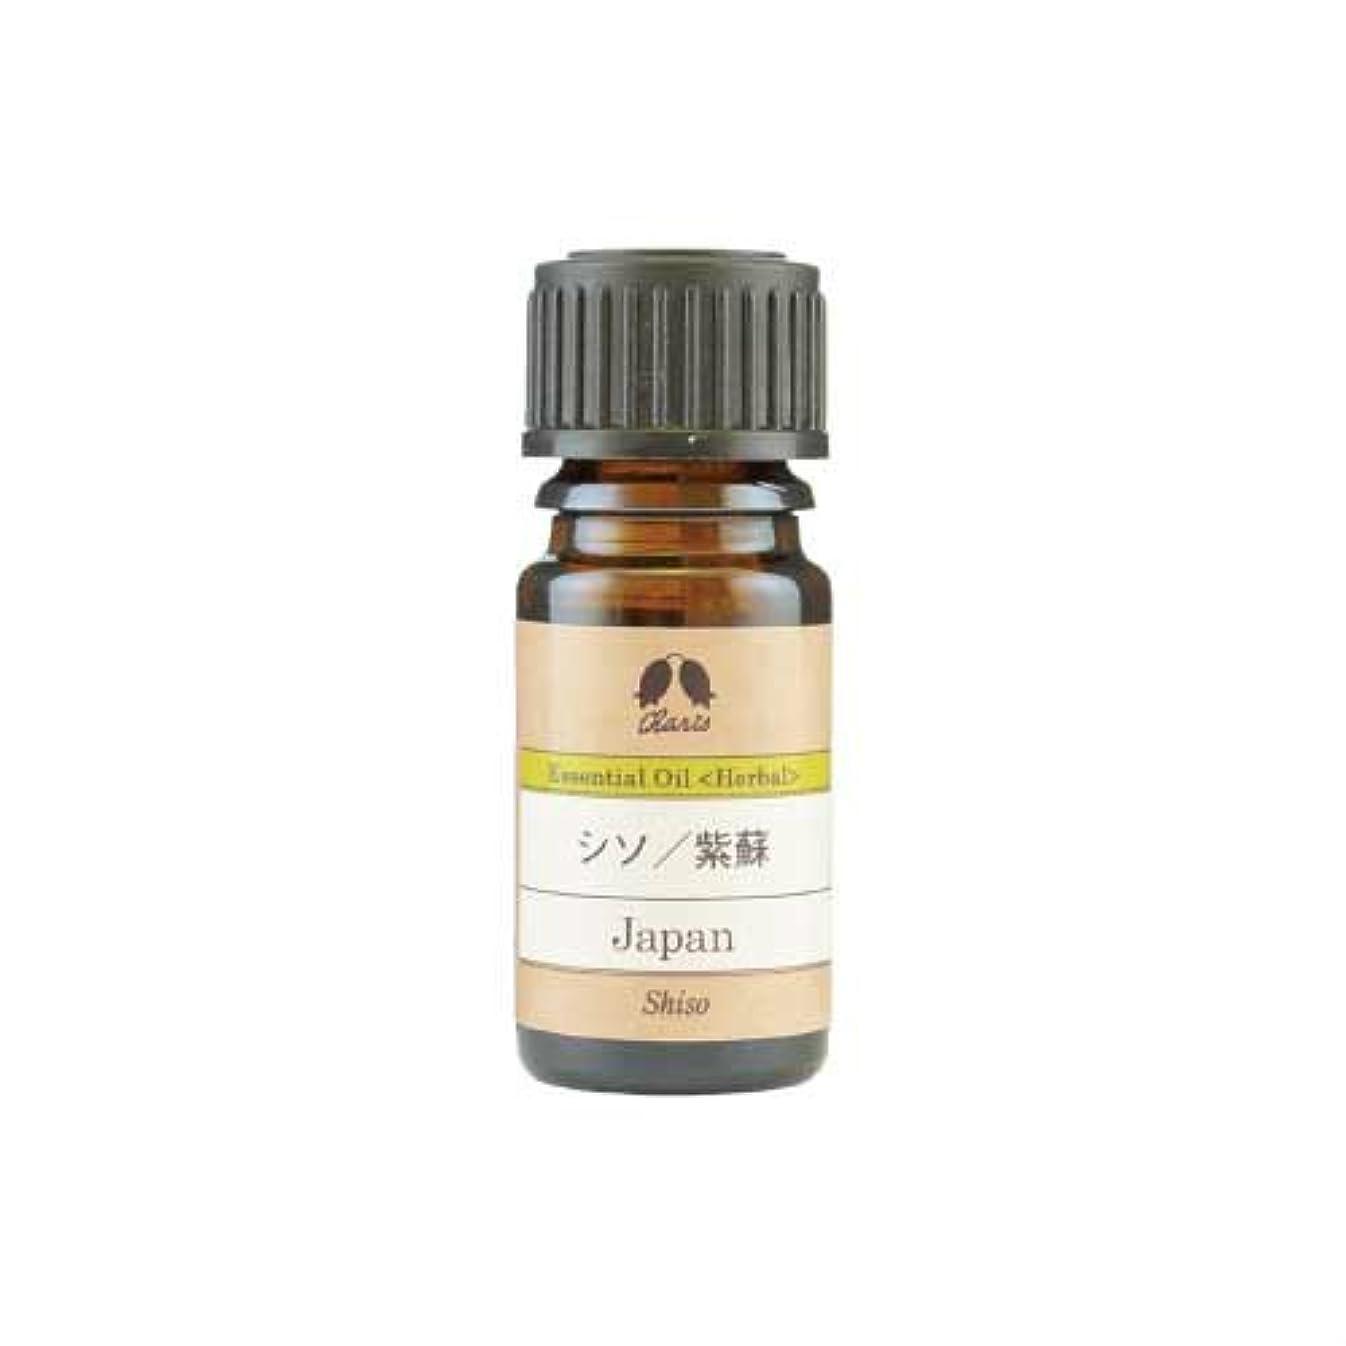 先生環境石鹸カリス シソ/紫蘇 オイル 2ml